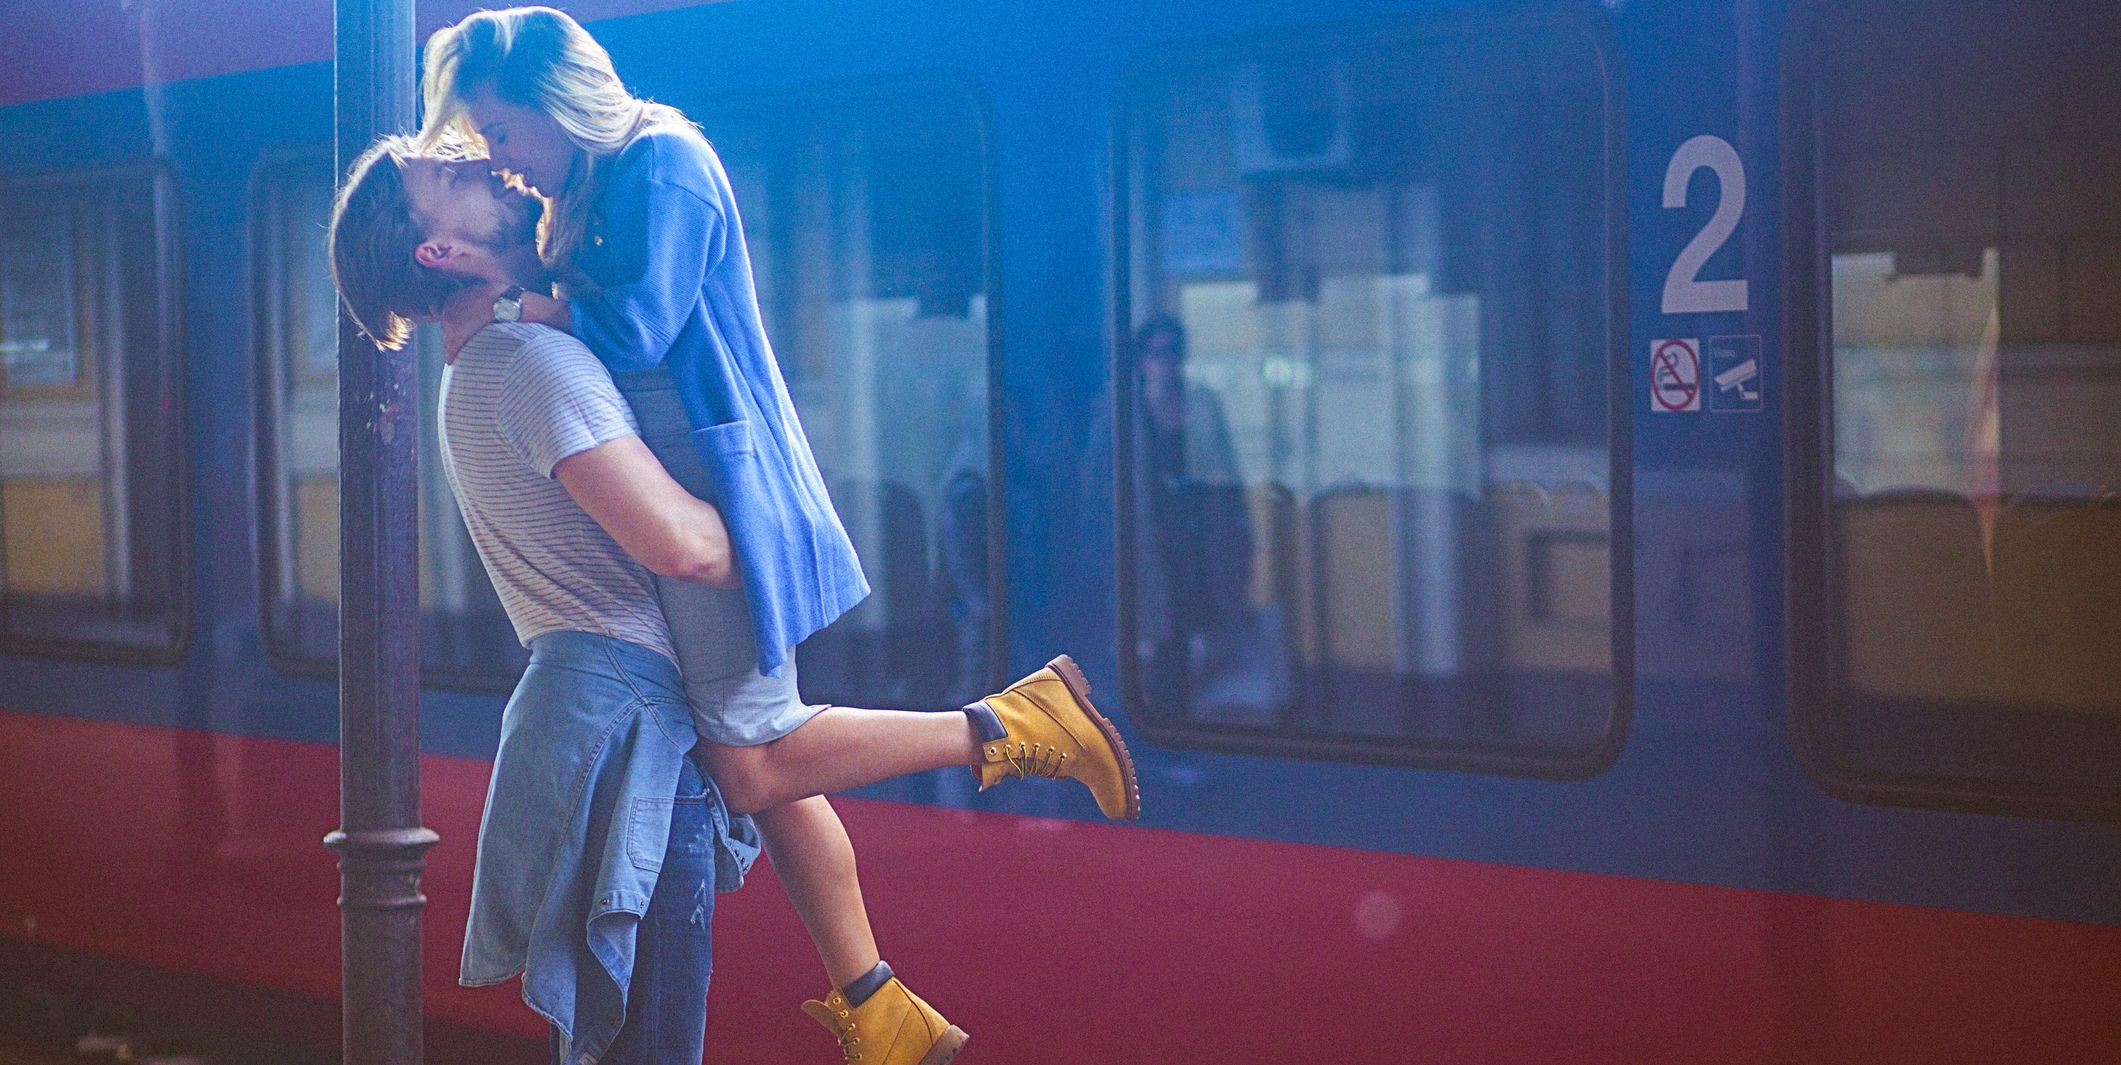 Una coppia si saluta in stazione